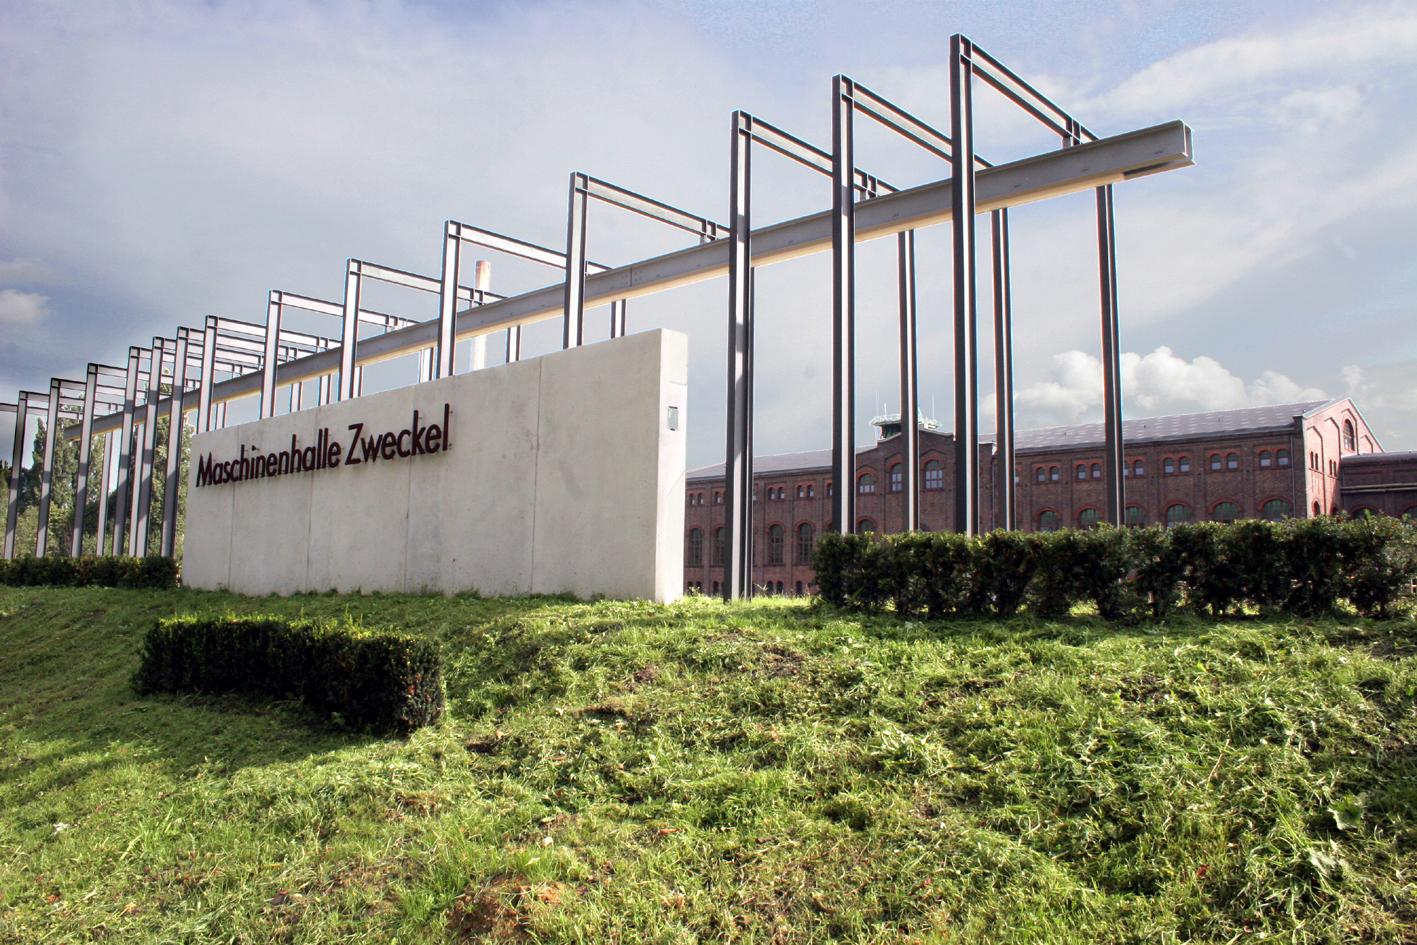 Das Bild zeigt die Maschinenhalle in Zweckel